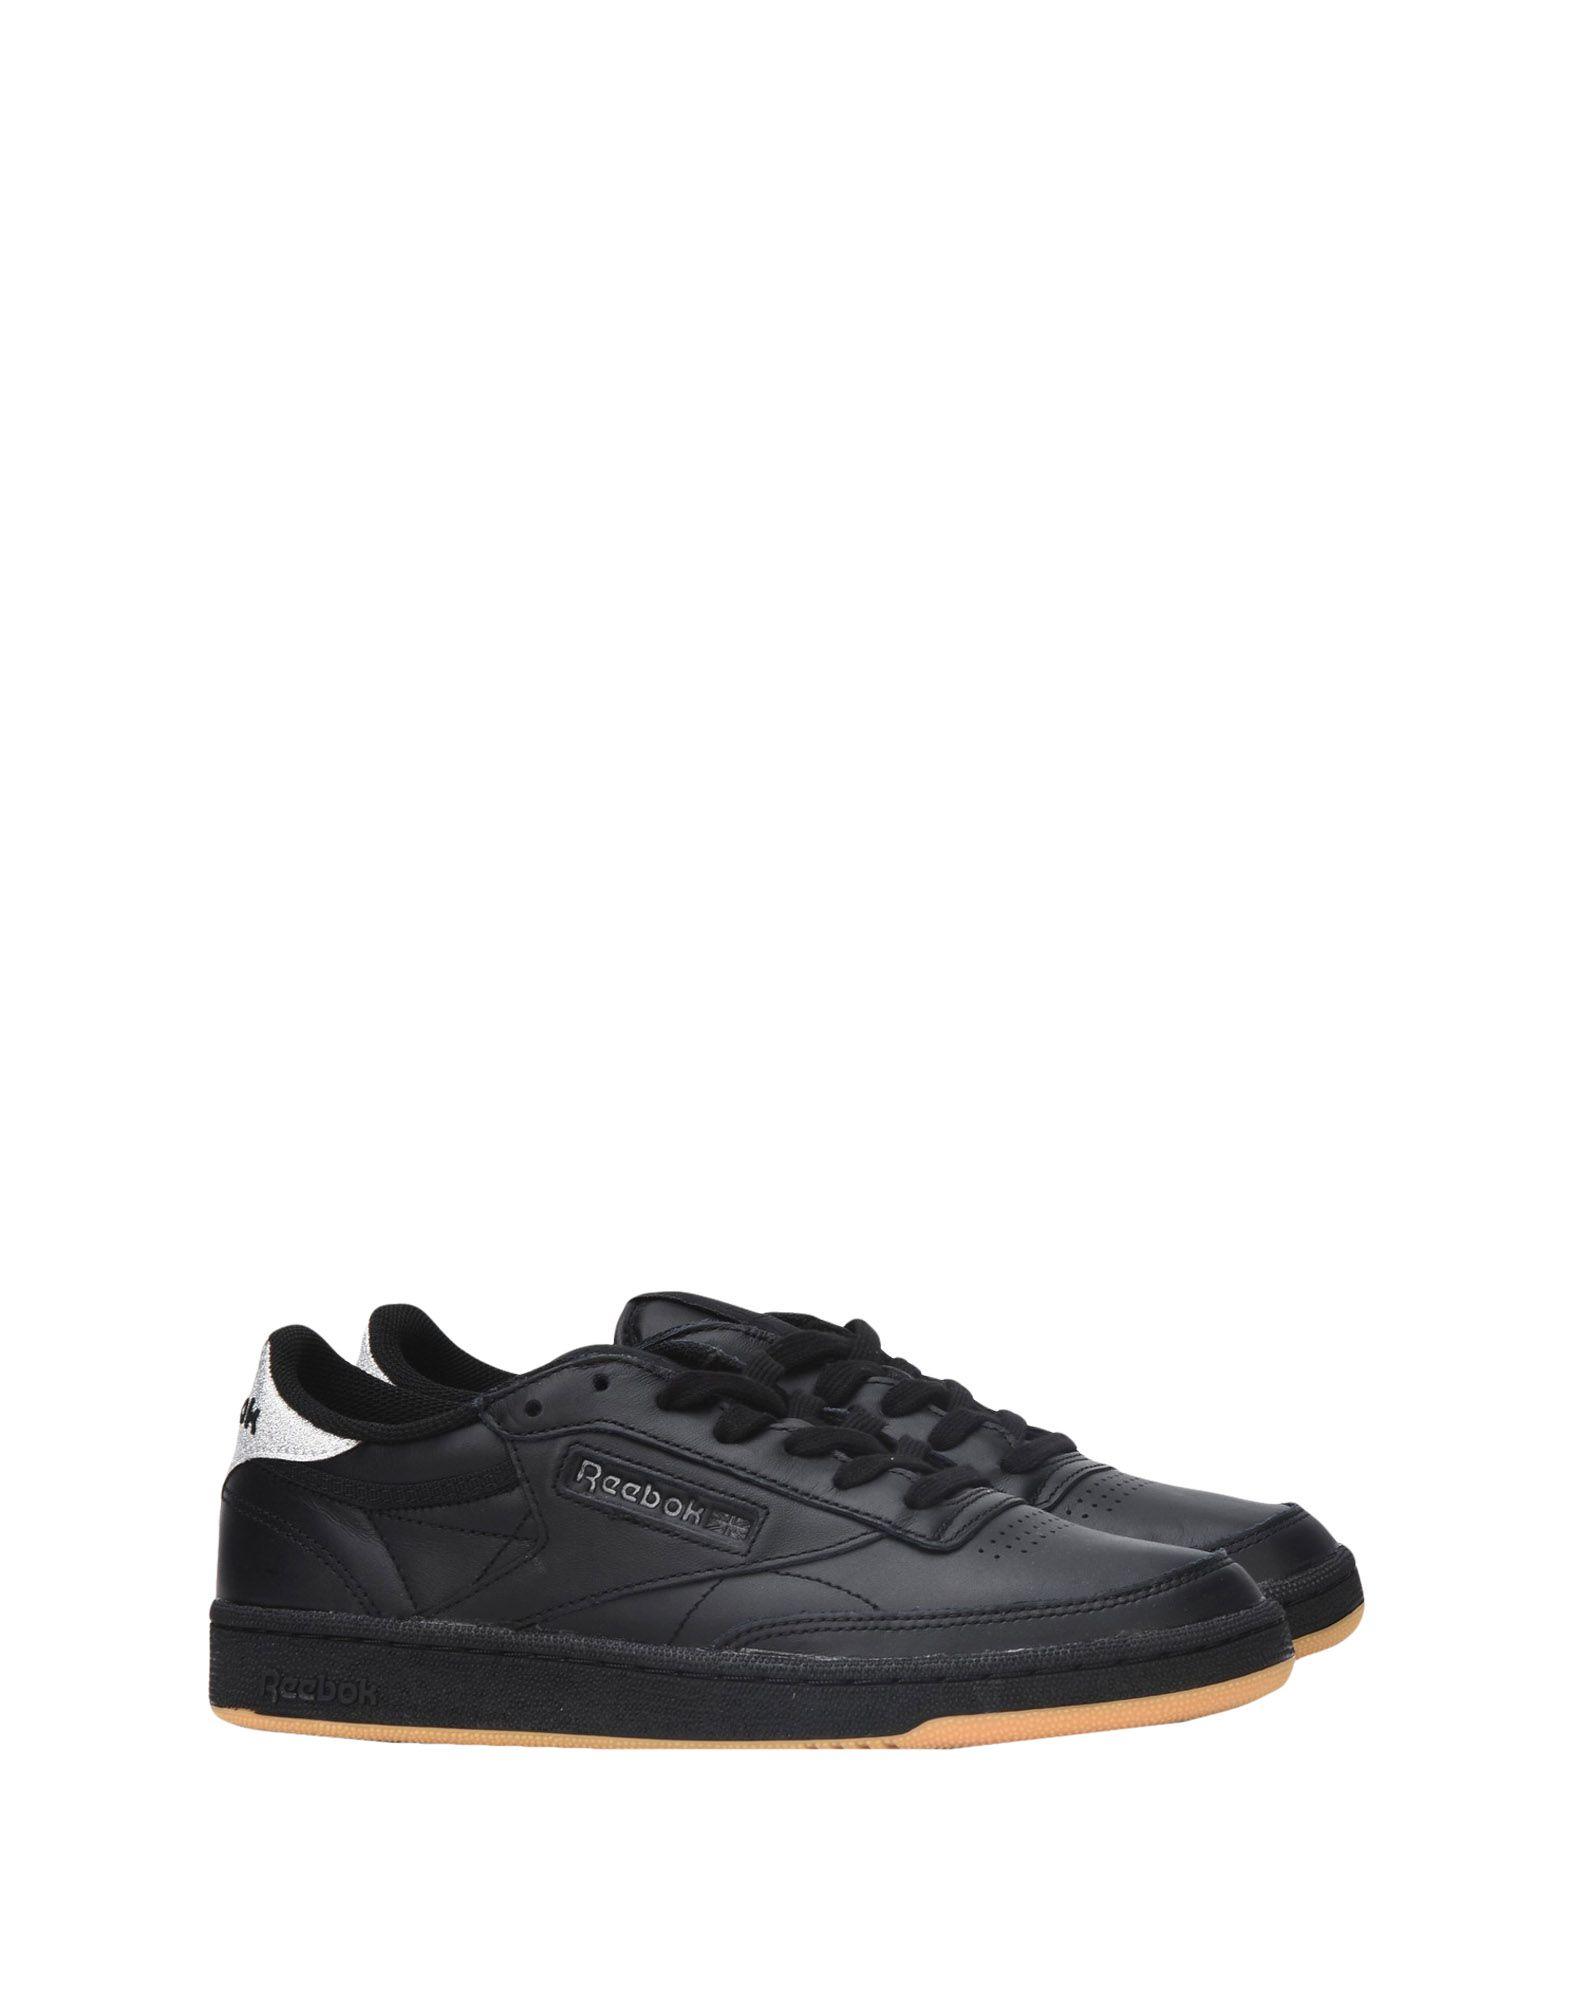 Sneakers Reebok Club C 85 Diamond - Femme - Sneakers Reebok sur